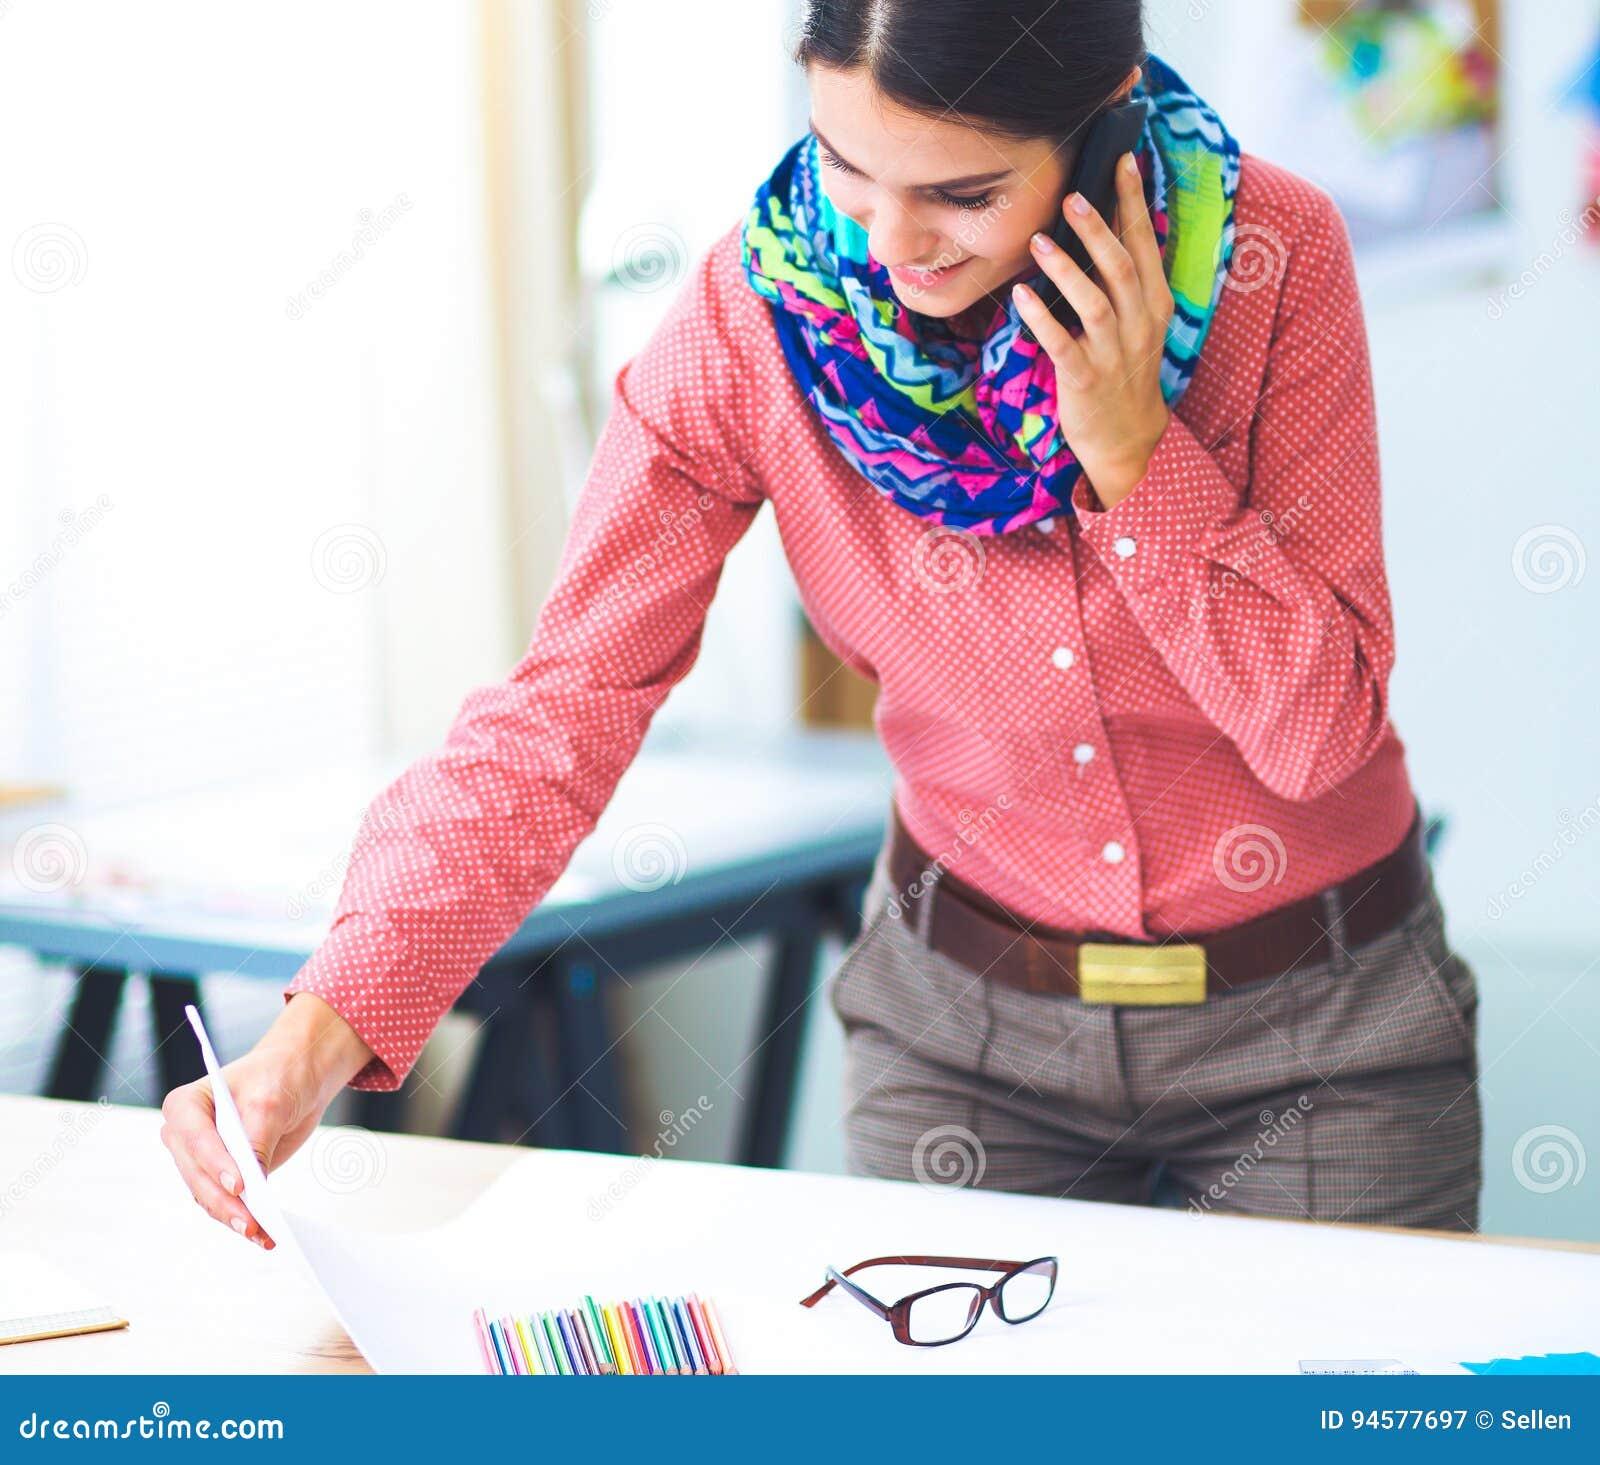 Νέος ελκυστικός θηλυκός σχεδιαστής μόδας που εργάζεται στο γραφείο γραφείων, που σύρει μιλώντας σε κινητό